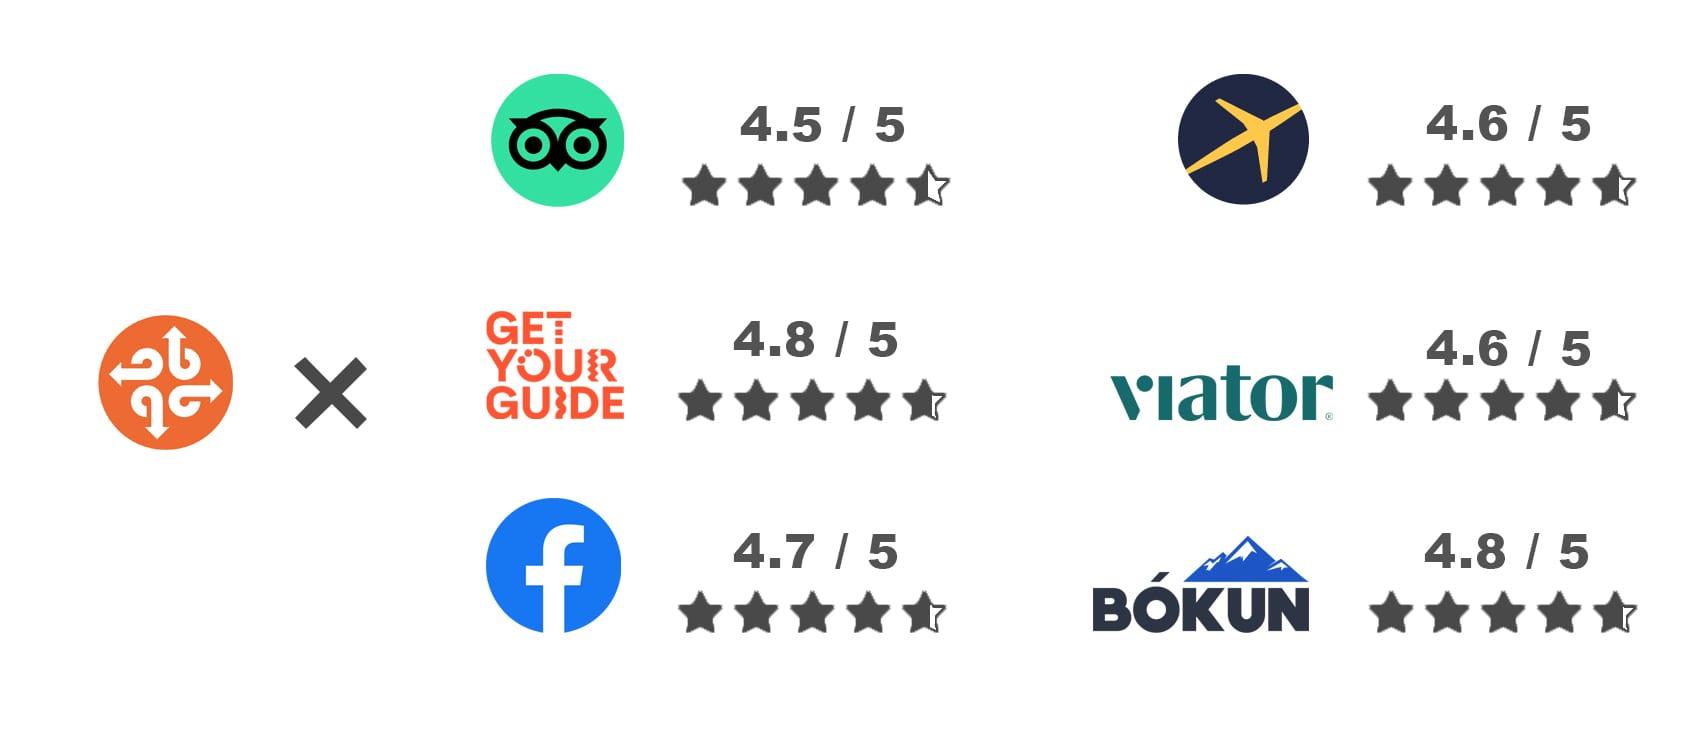 BusTravel Iceland Ratings on Major Platforms